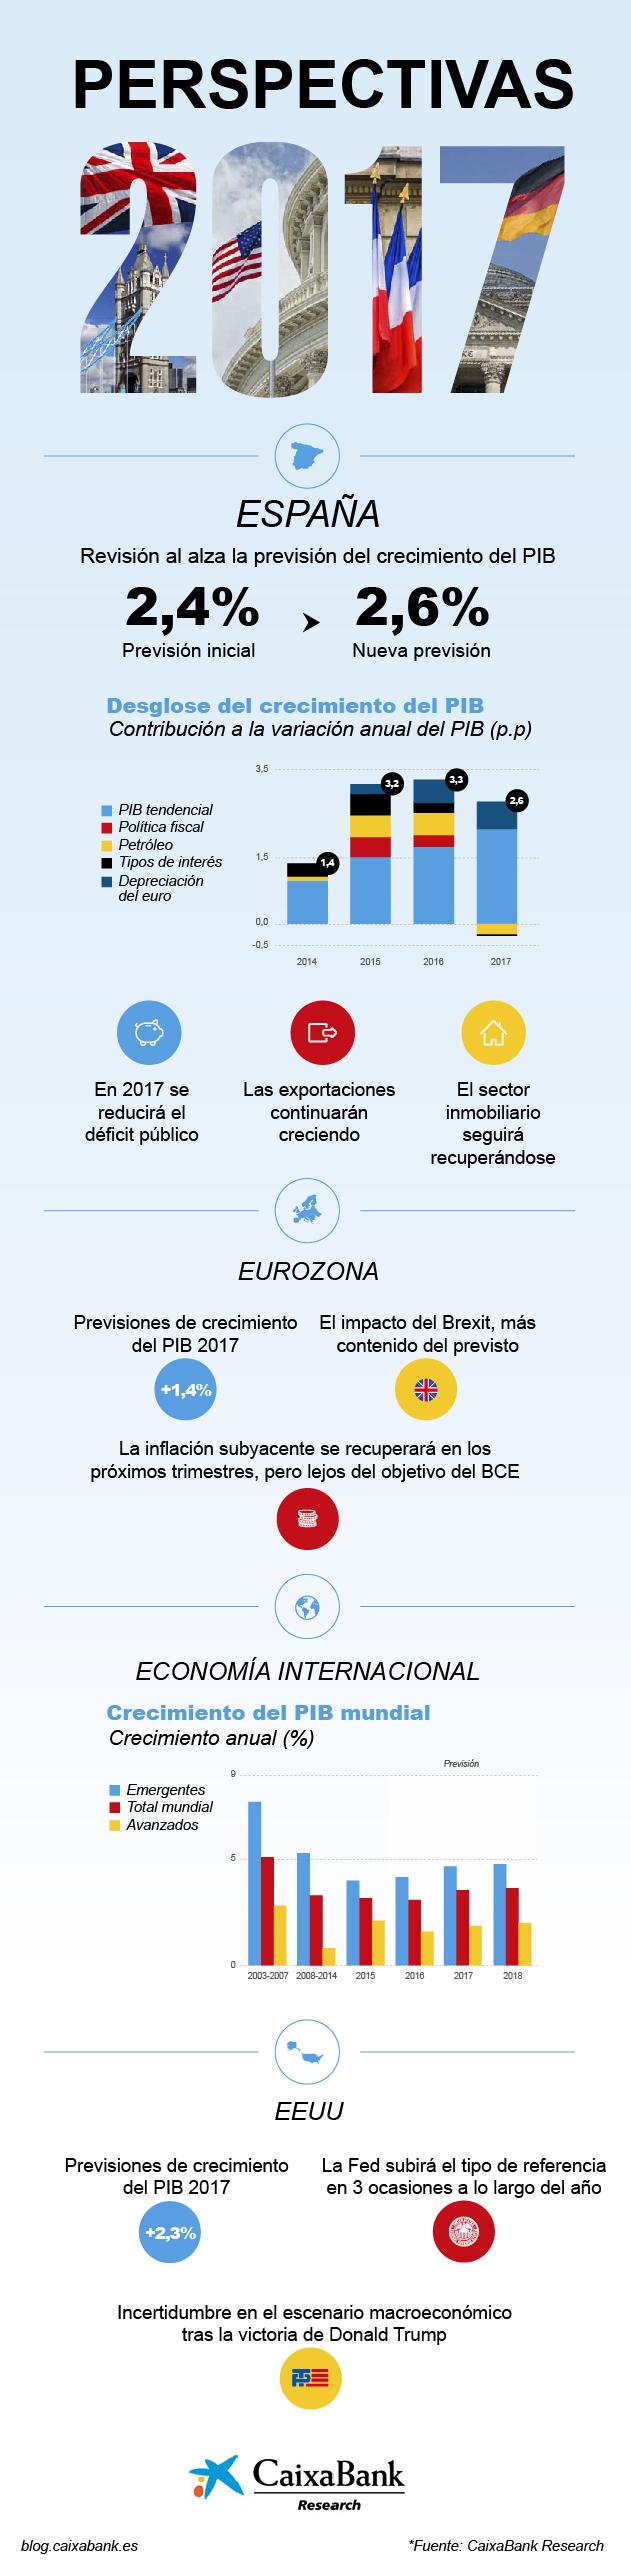 Perspectivas 2017 caixabank